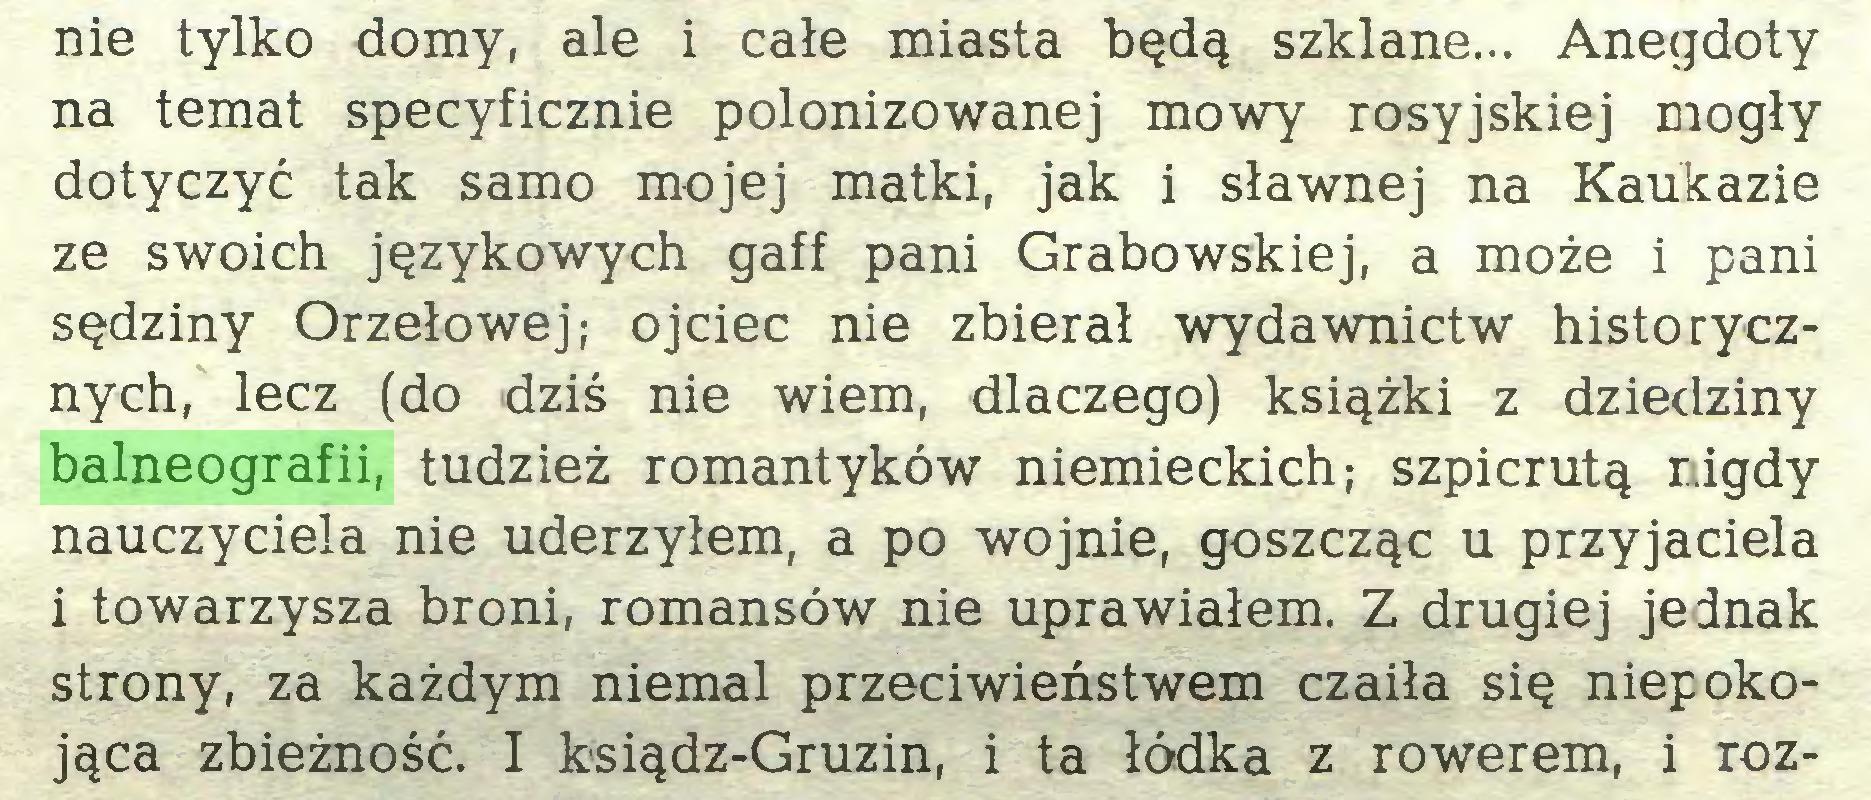 (...) nie tylko domy, ale i całe miasta będą szklane... Anegdoty na temat specyficznie polonizowanej mowy rosyjskiej mogły dotyczyć tak samo mojej matki, jak i sławnej na Kaukazie ze swoich językowych gaff pani Grabowskiej, a może i pani sędziny Orzełowej; ojciec nie zbierał wydawnictw historycznych, lecz (do dziś nie wiem, dlaczego) książki z dziedziny balneografii, tudzież romantyków niemieckich; szpicrutą nigdy nauczyciela nie uderzyłem, a po wojnie, goszcząc u przyjaciela i towarzysza broni, romansów nie uprawiałem. Z drugiej jednak strony, za każdym niemal przeciwieństwem czaiła się niepokojąca zbieżność. I ksiądz-Gruzin, i ta łódka z rowerem, i roz...